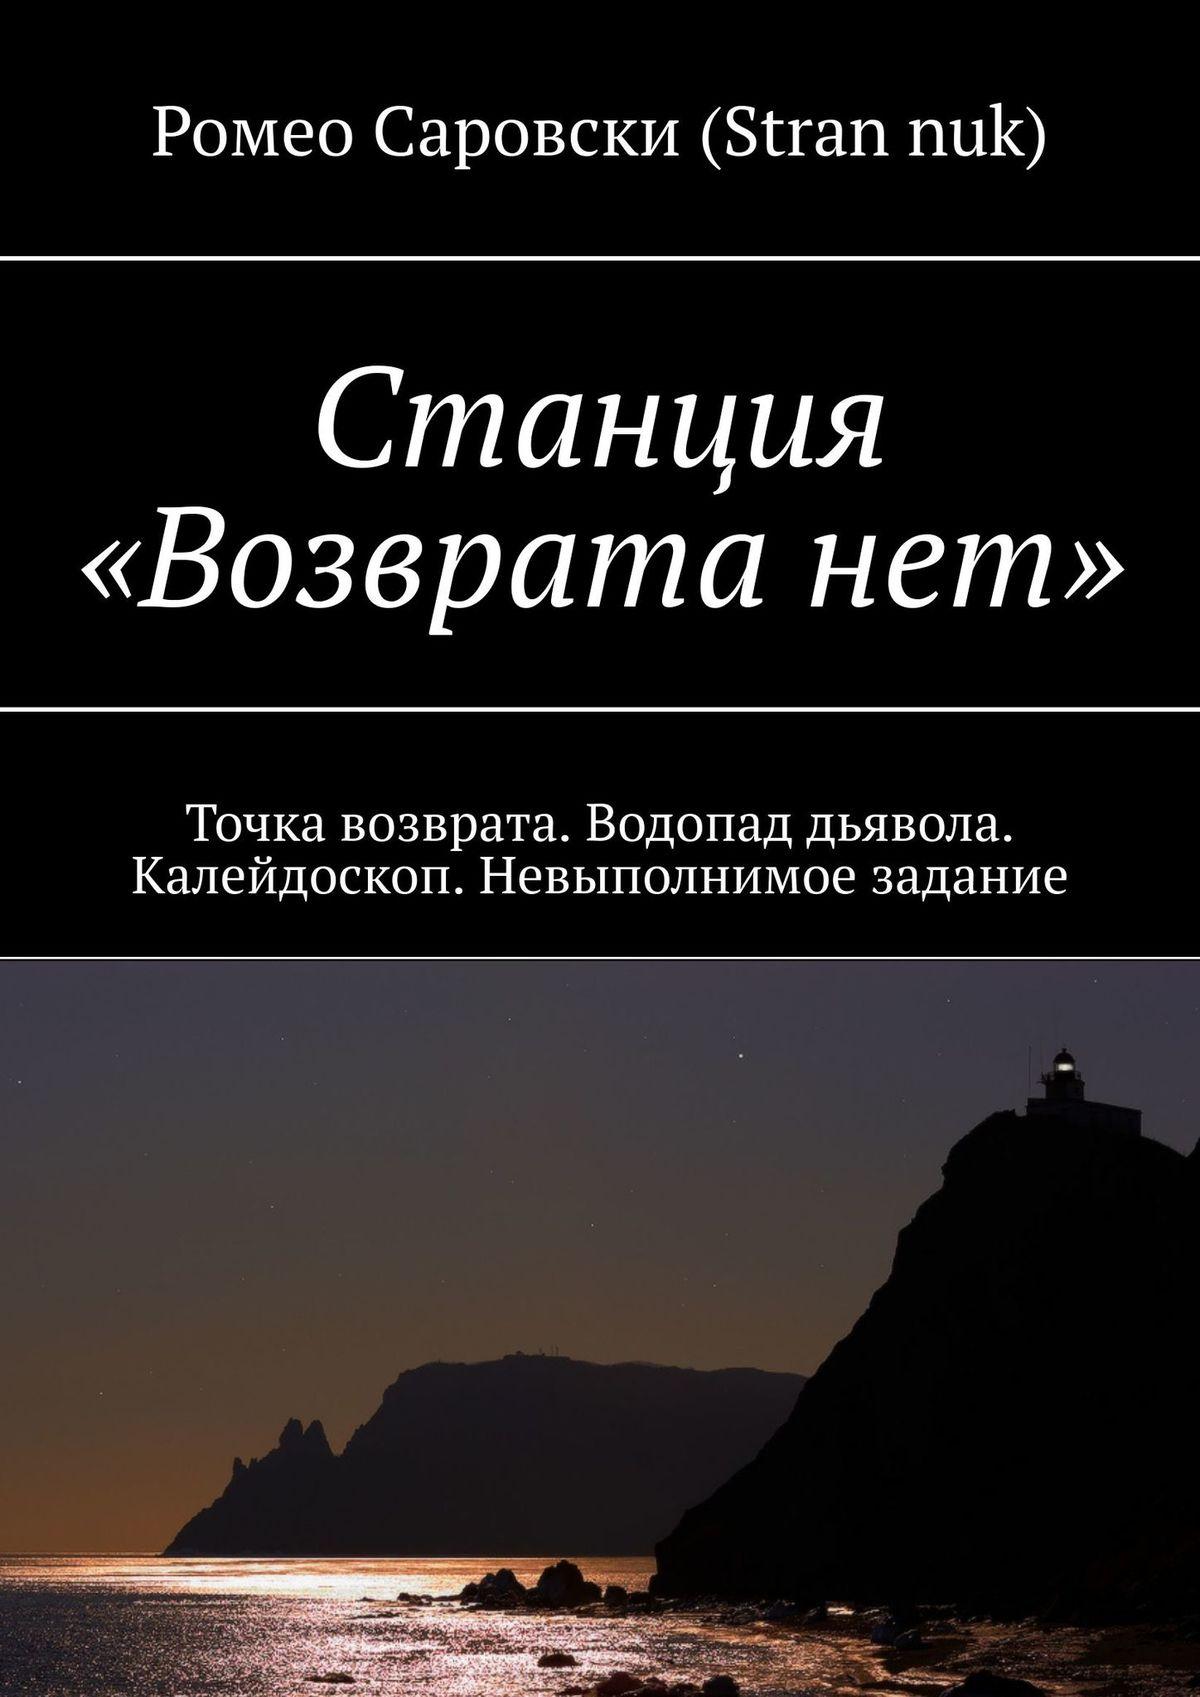 Роман Чукмасов (Strannuk) Станция «Возврата нет». Точка возврата. Водопад дьявола. Калейдоскоп. Невыполнимое задание